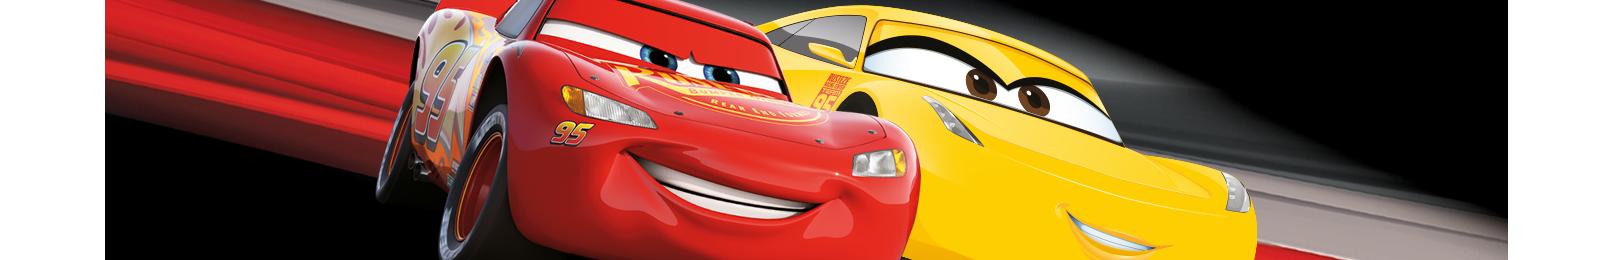 cars_header